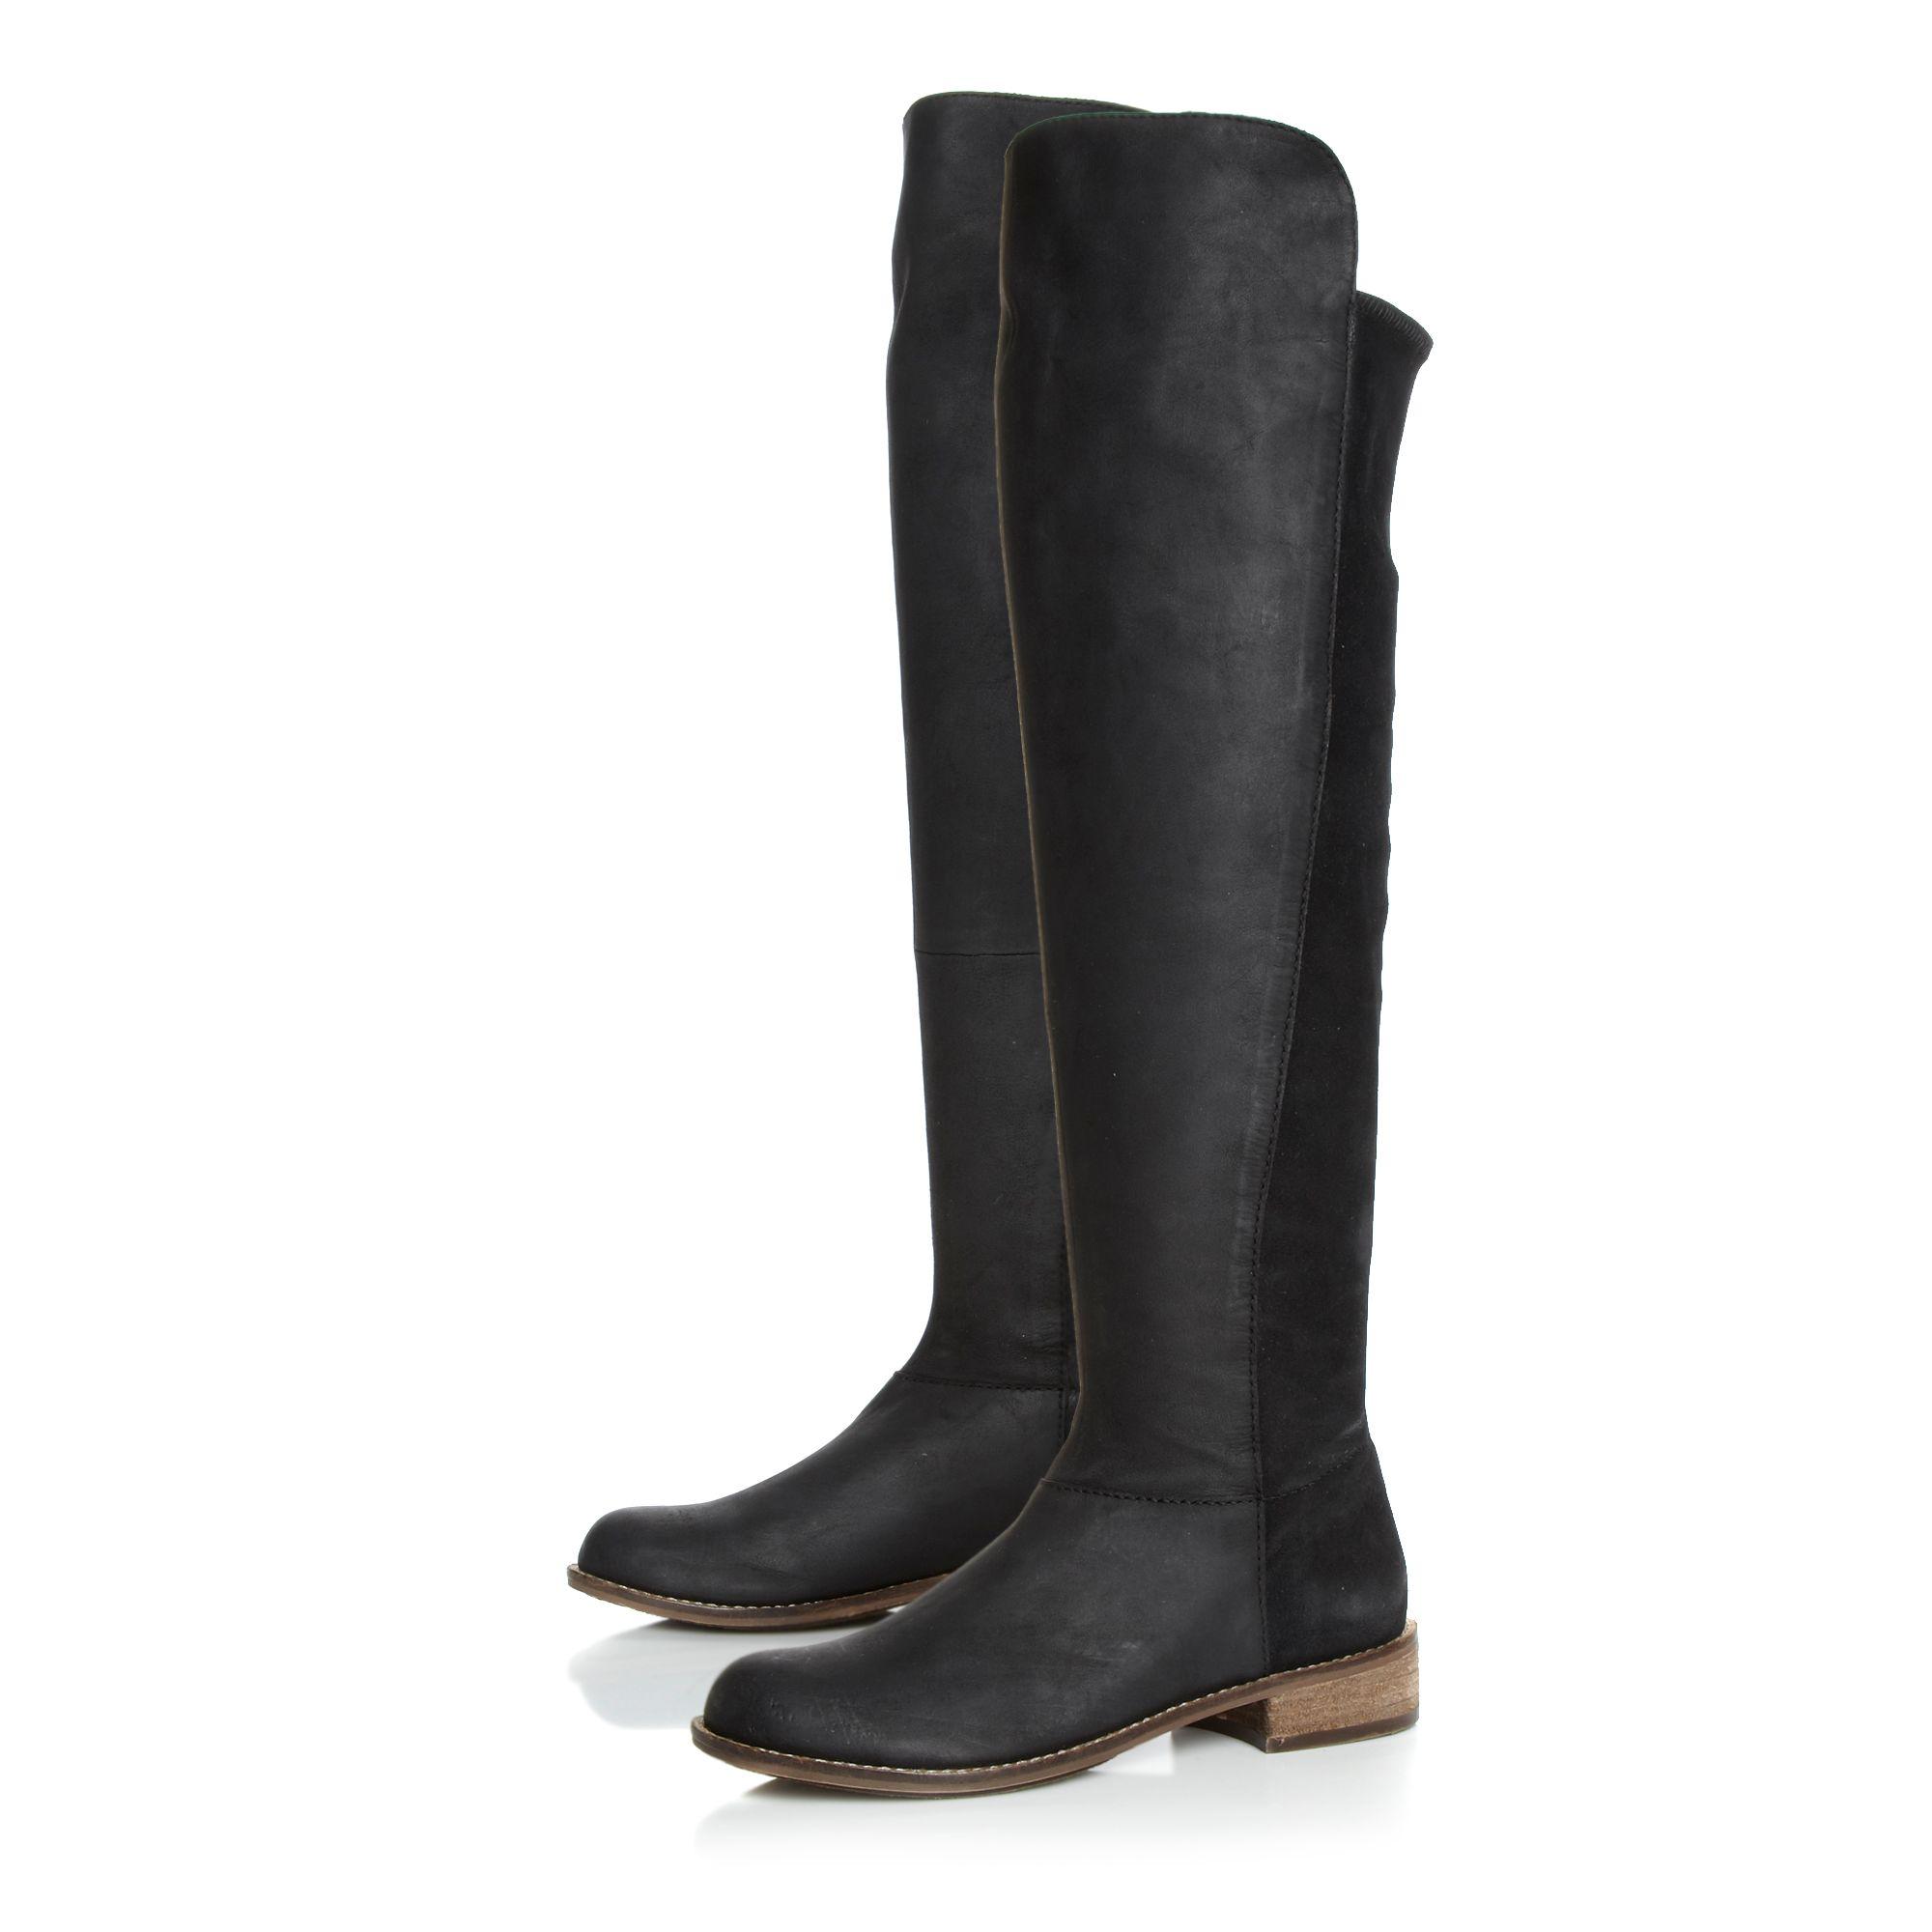 steve madden hazele boots in black lyst. Black Bedroom Furniture Sets. Home Design Ideas